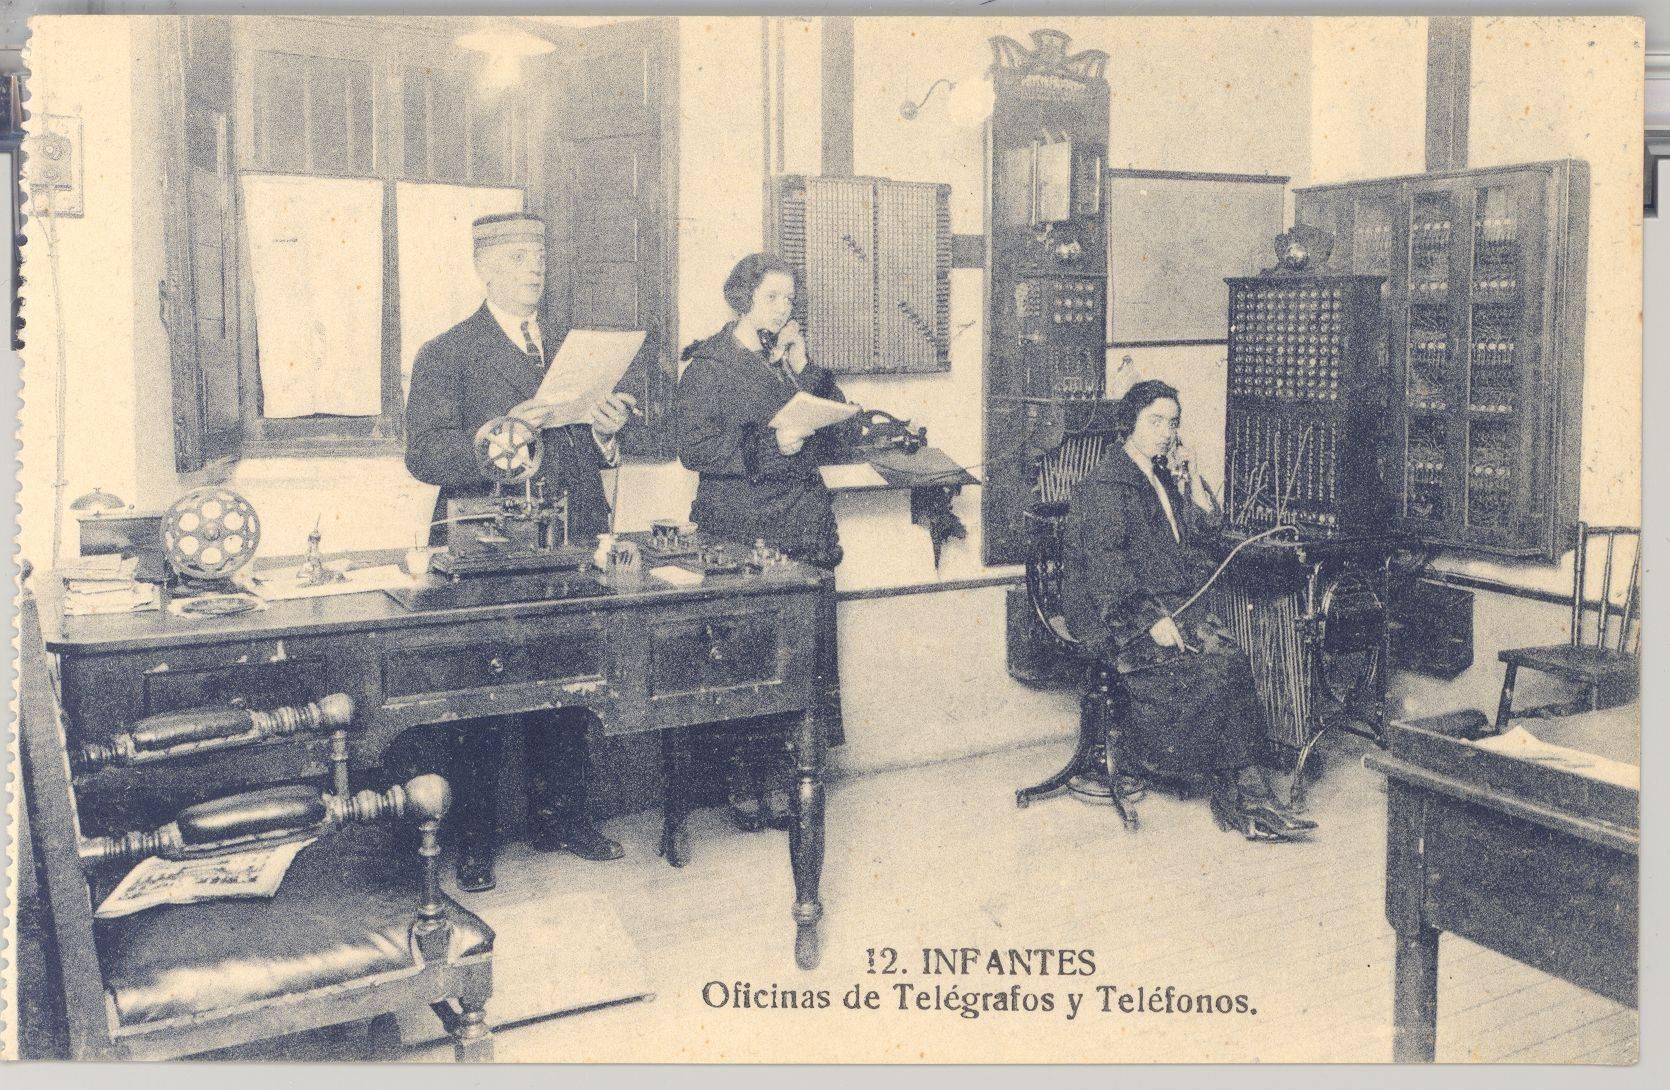 Infantes Oficinas de telegrafos y telefonos - Herencia contó con el primer servicio telefónico de Ciudad Real en 1892